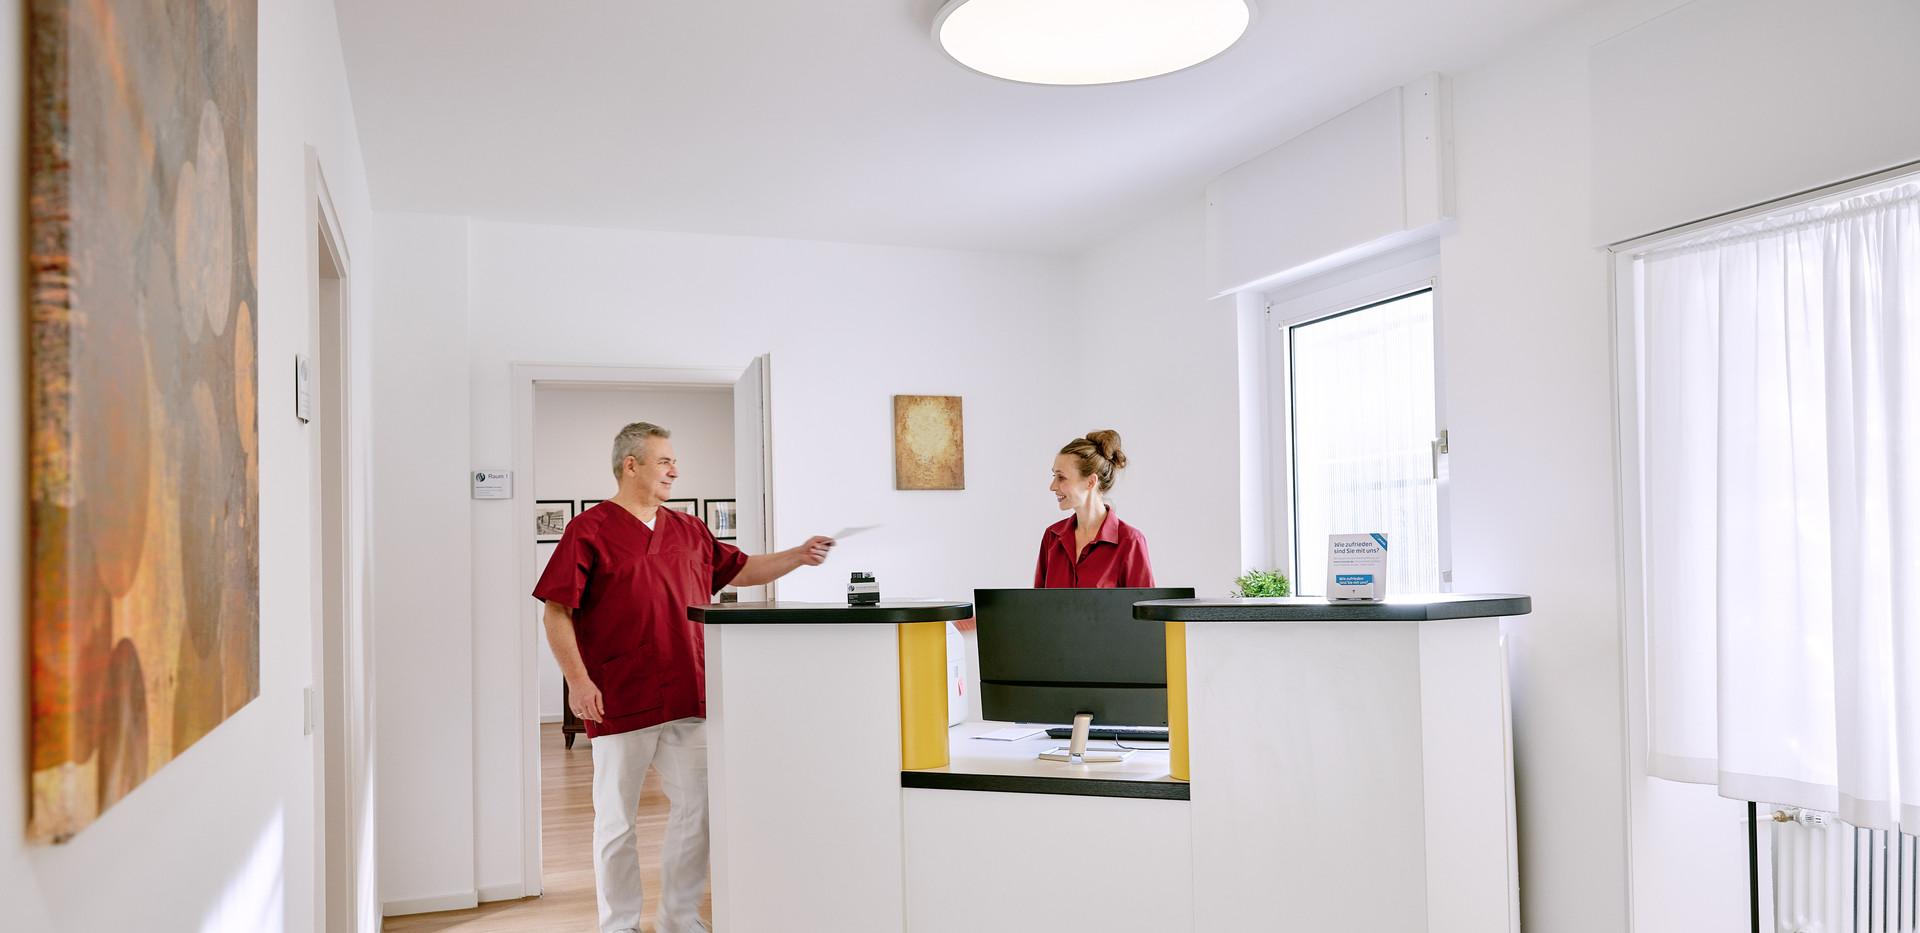 Chiropraxis Schwall, Chiropraktik und Osteopathie in Köln, Empfang